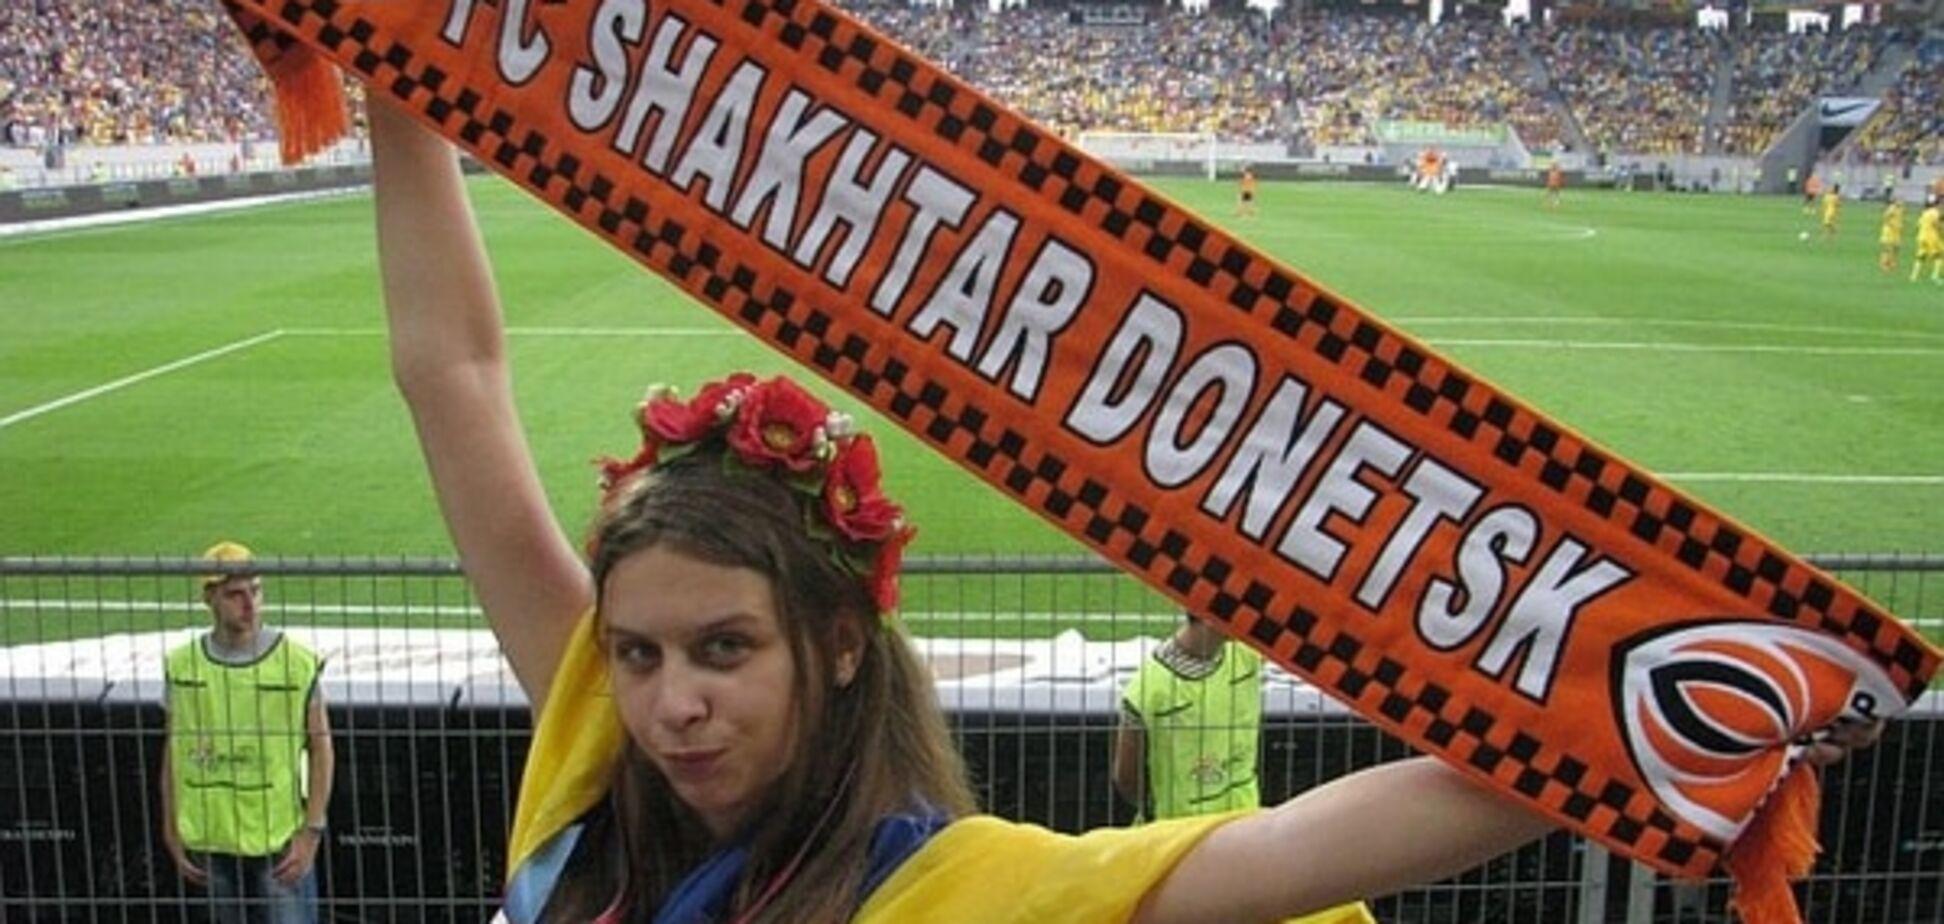 Стала известна стоимость билетов на матч 'Шахтер' - ПСЖ